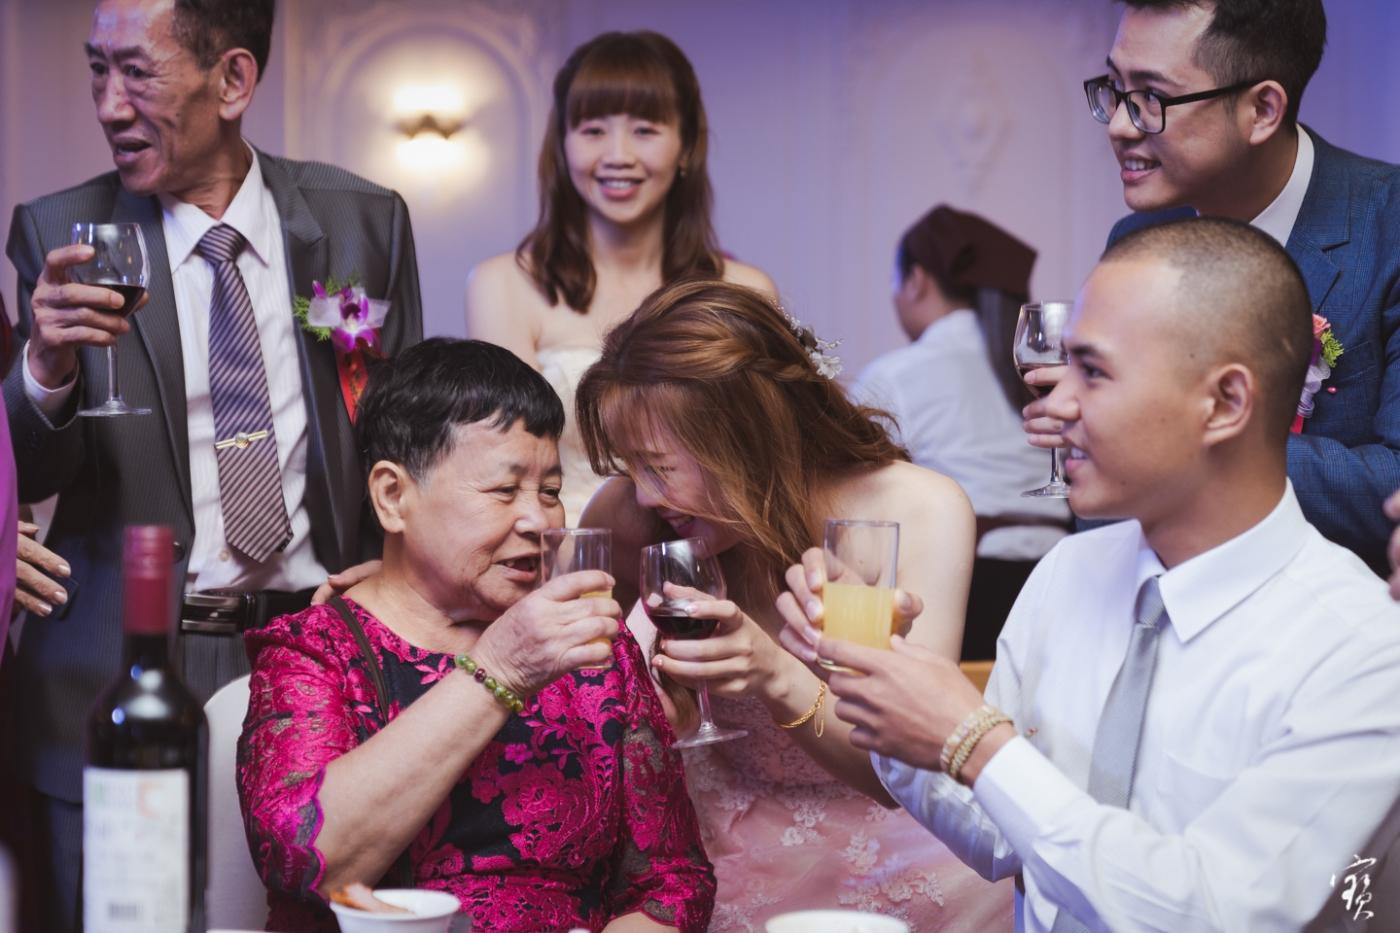 桃園婚禮 晶麒莊園 婚禮攝影 攝影師大寶 北部攝影 桃園攝影 新竹攝影 台北攝影 婚攝 早儀晚宴 1071014-98